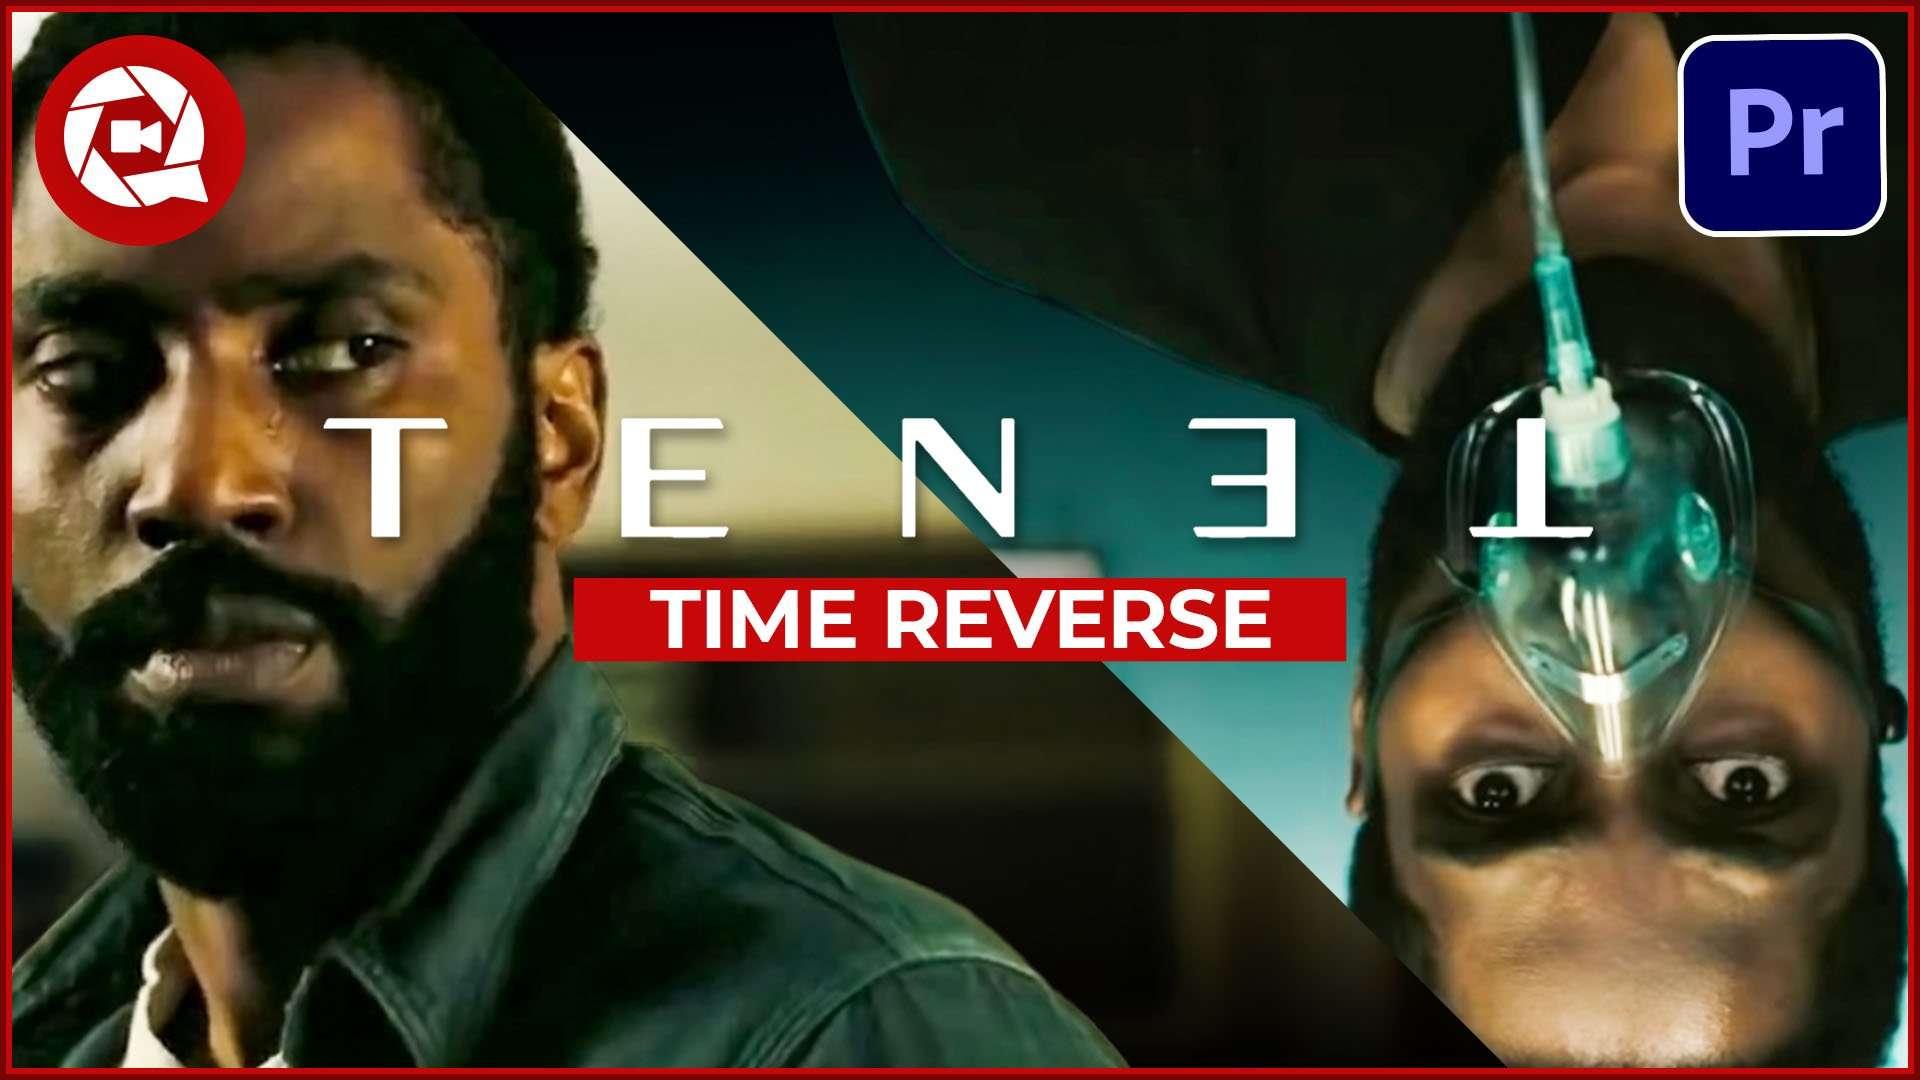 Tenet Time Reverse Effect Premiere Pro